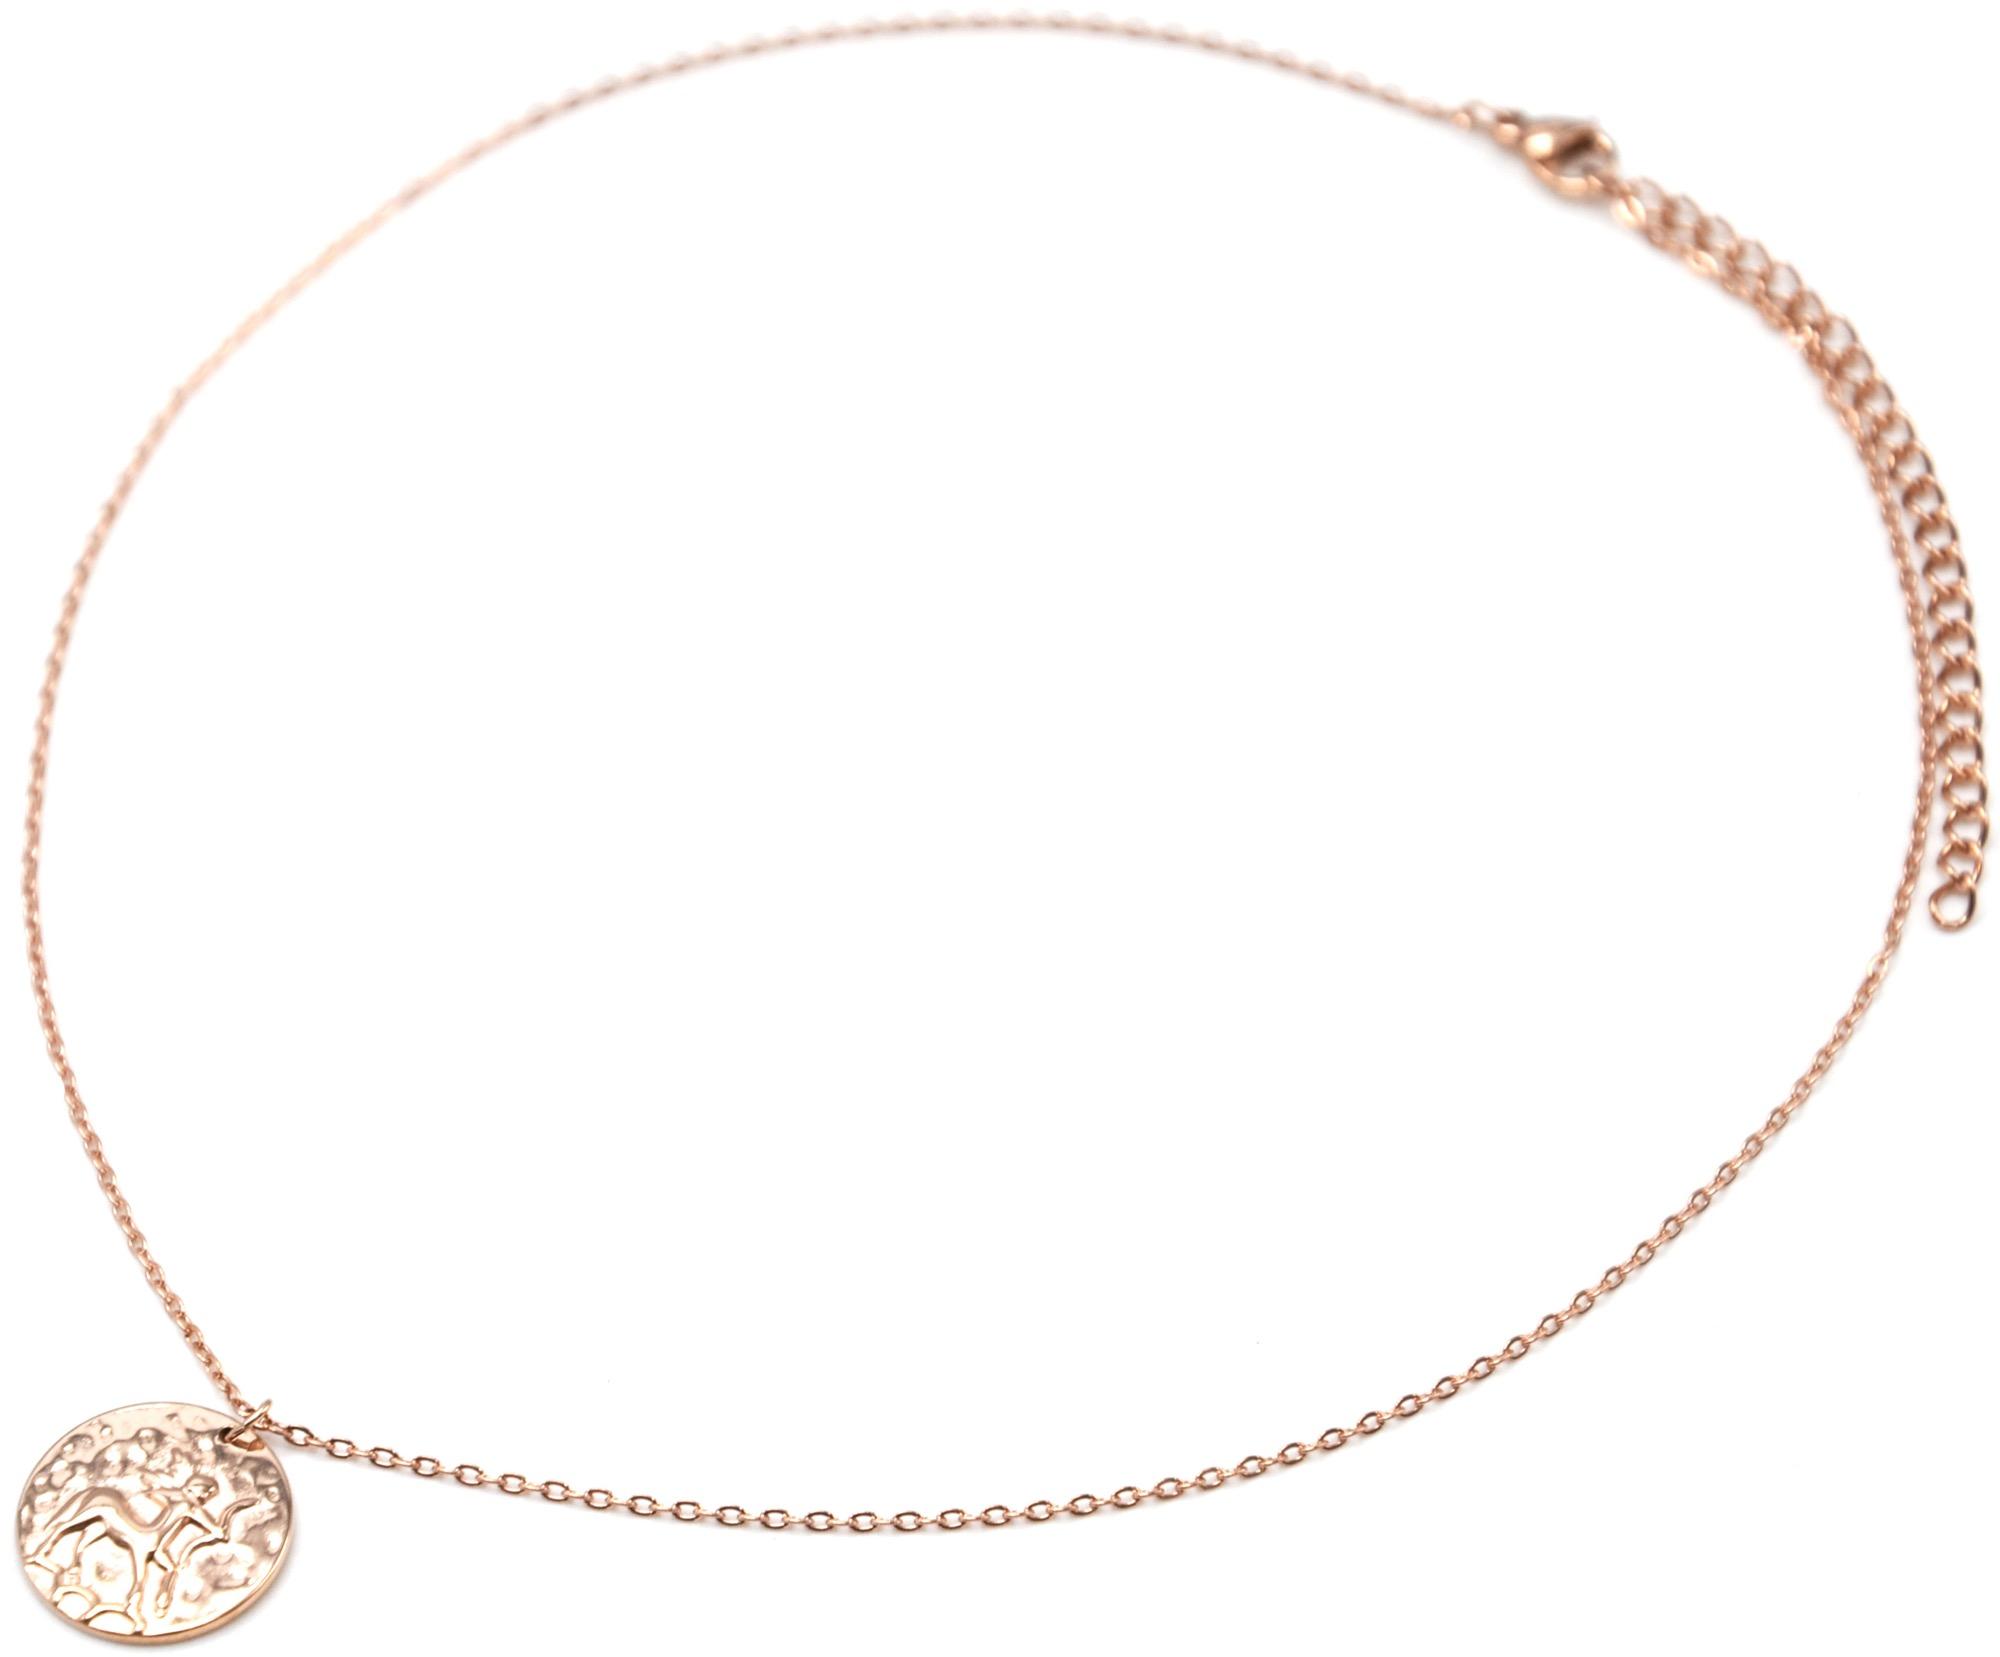 Collier Sagittaire Pendentif Fine Médaille Cc2466f Rose Signe Chaîne Avec Acier Zodiaque Or tQCxrshBd